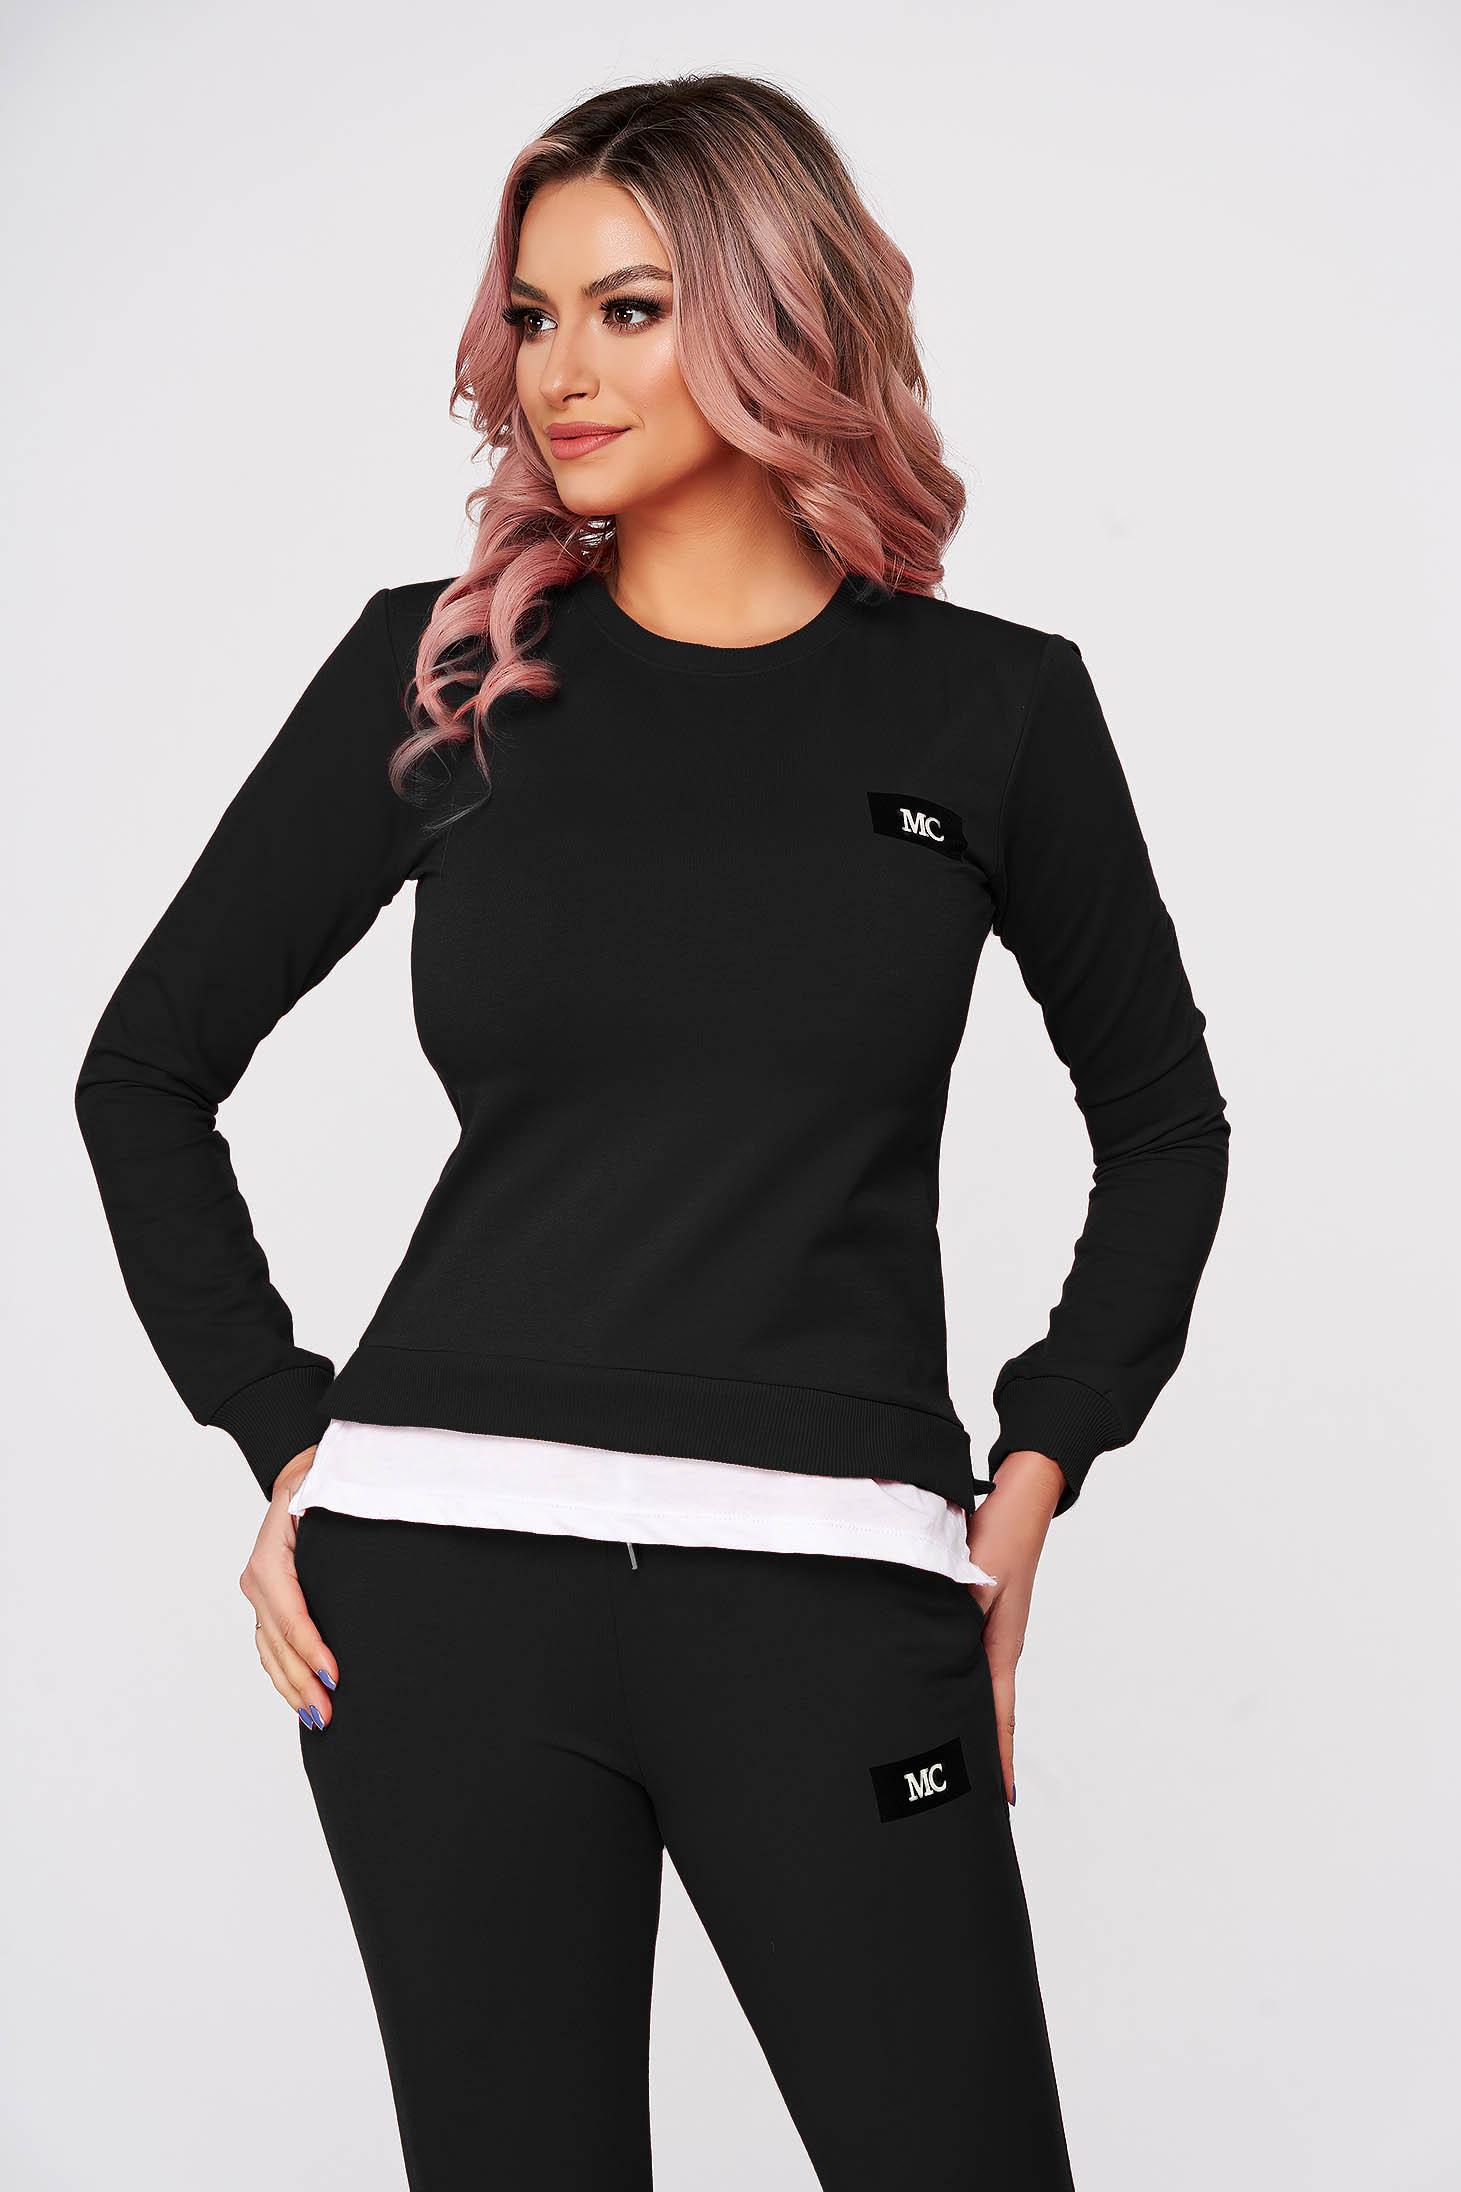 Fekete bő szabású két részes sportos szett enyhén elasztikus pamutból és oldalt felsliccelt nadrággal